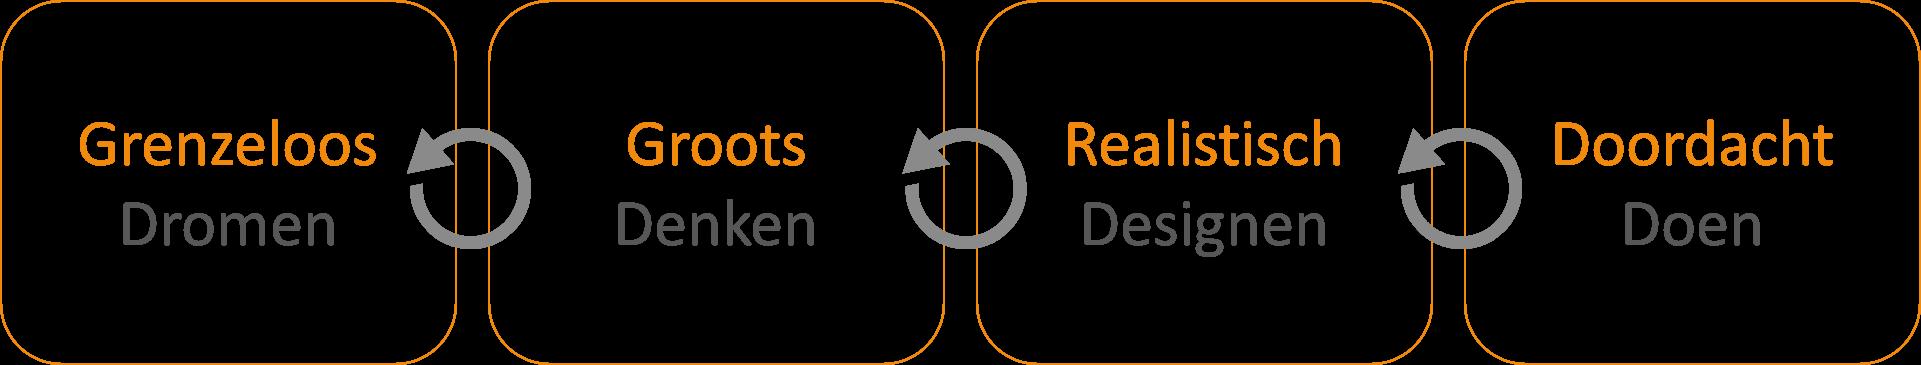 De aanpak van Bvolve voor de Omgevingswet volgt het '4D-model', waarin Dromen, Denken, Designen en Doen centraal staan.